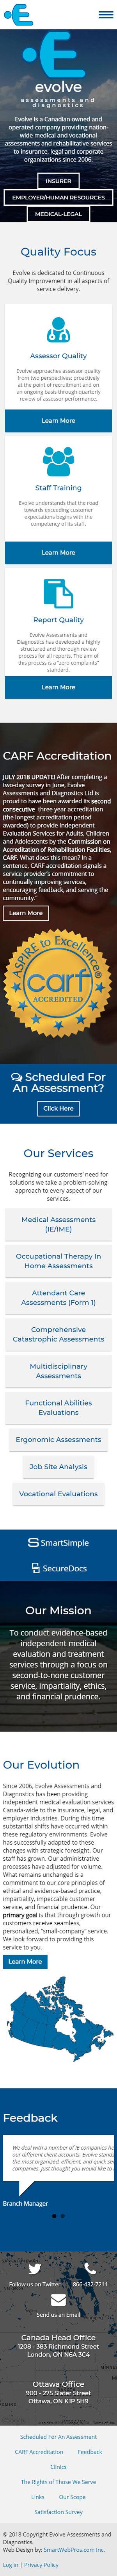 Evolve Assessments and Diagnostics